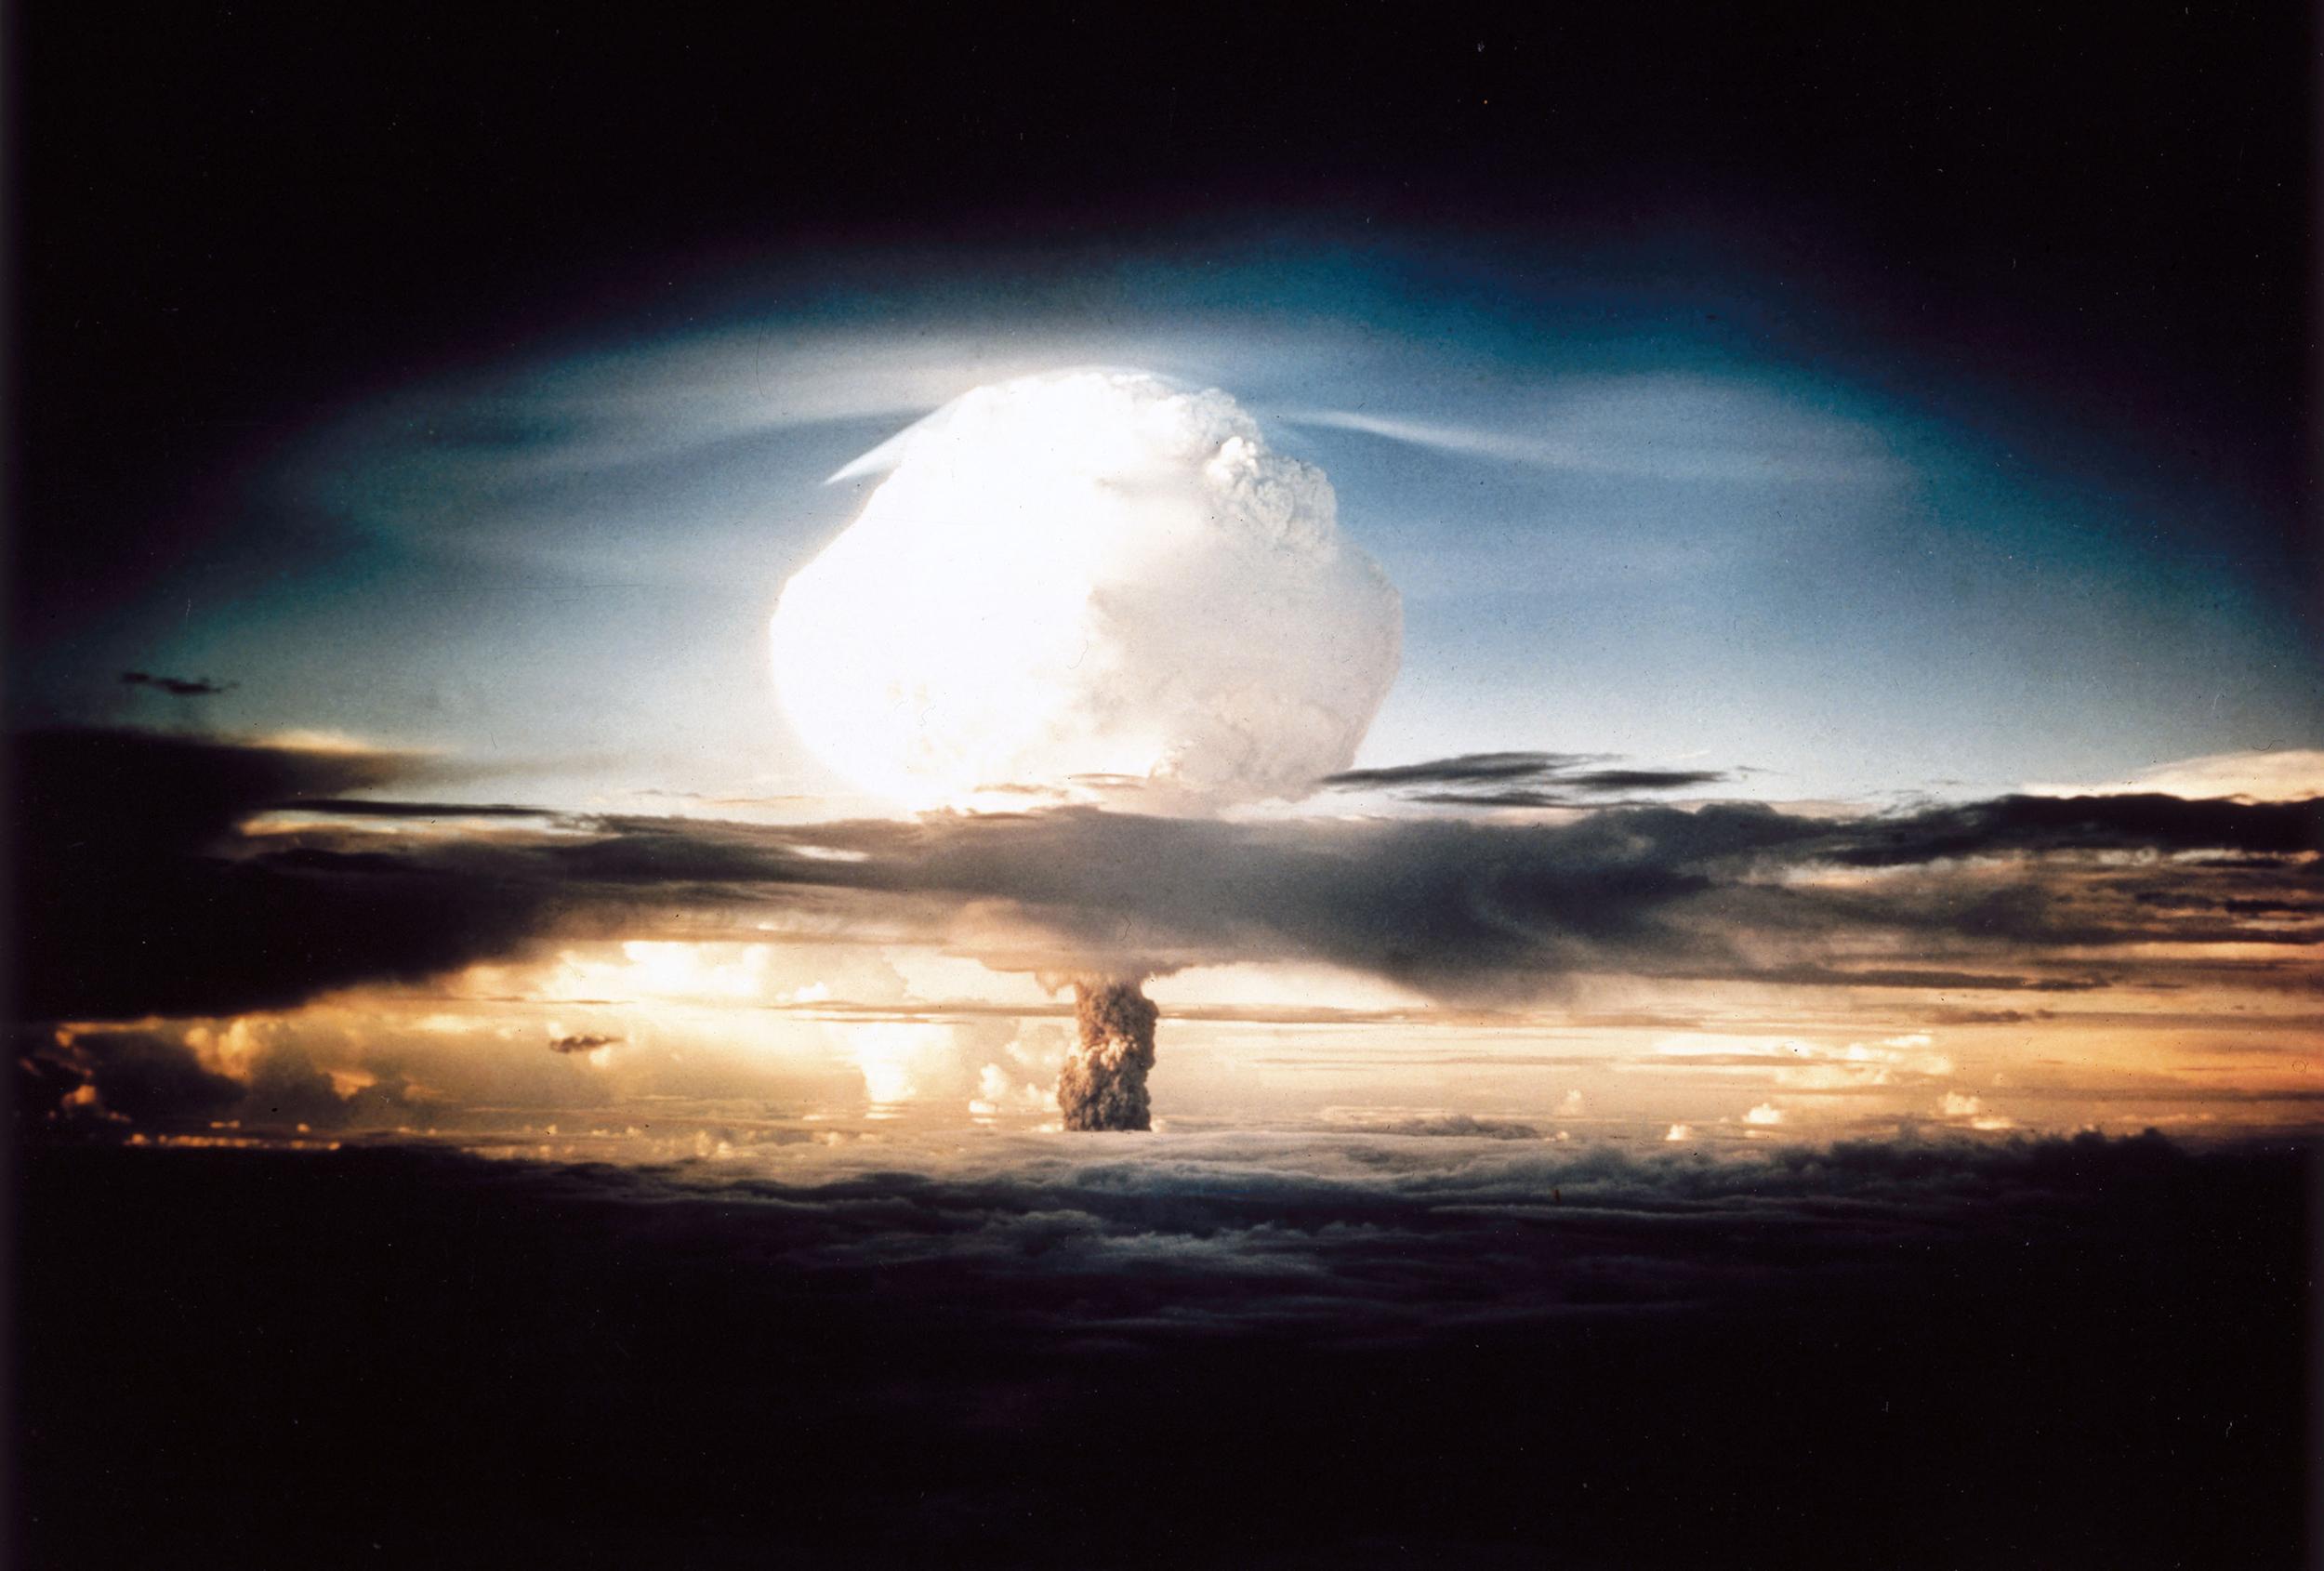 210204-first-hydrogen-bomb-al-1146_53422